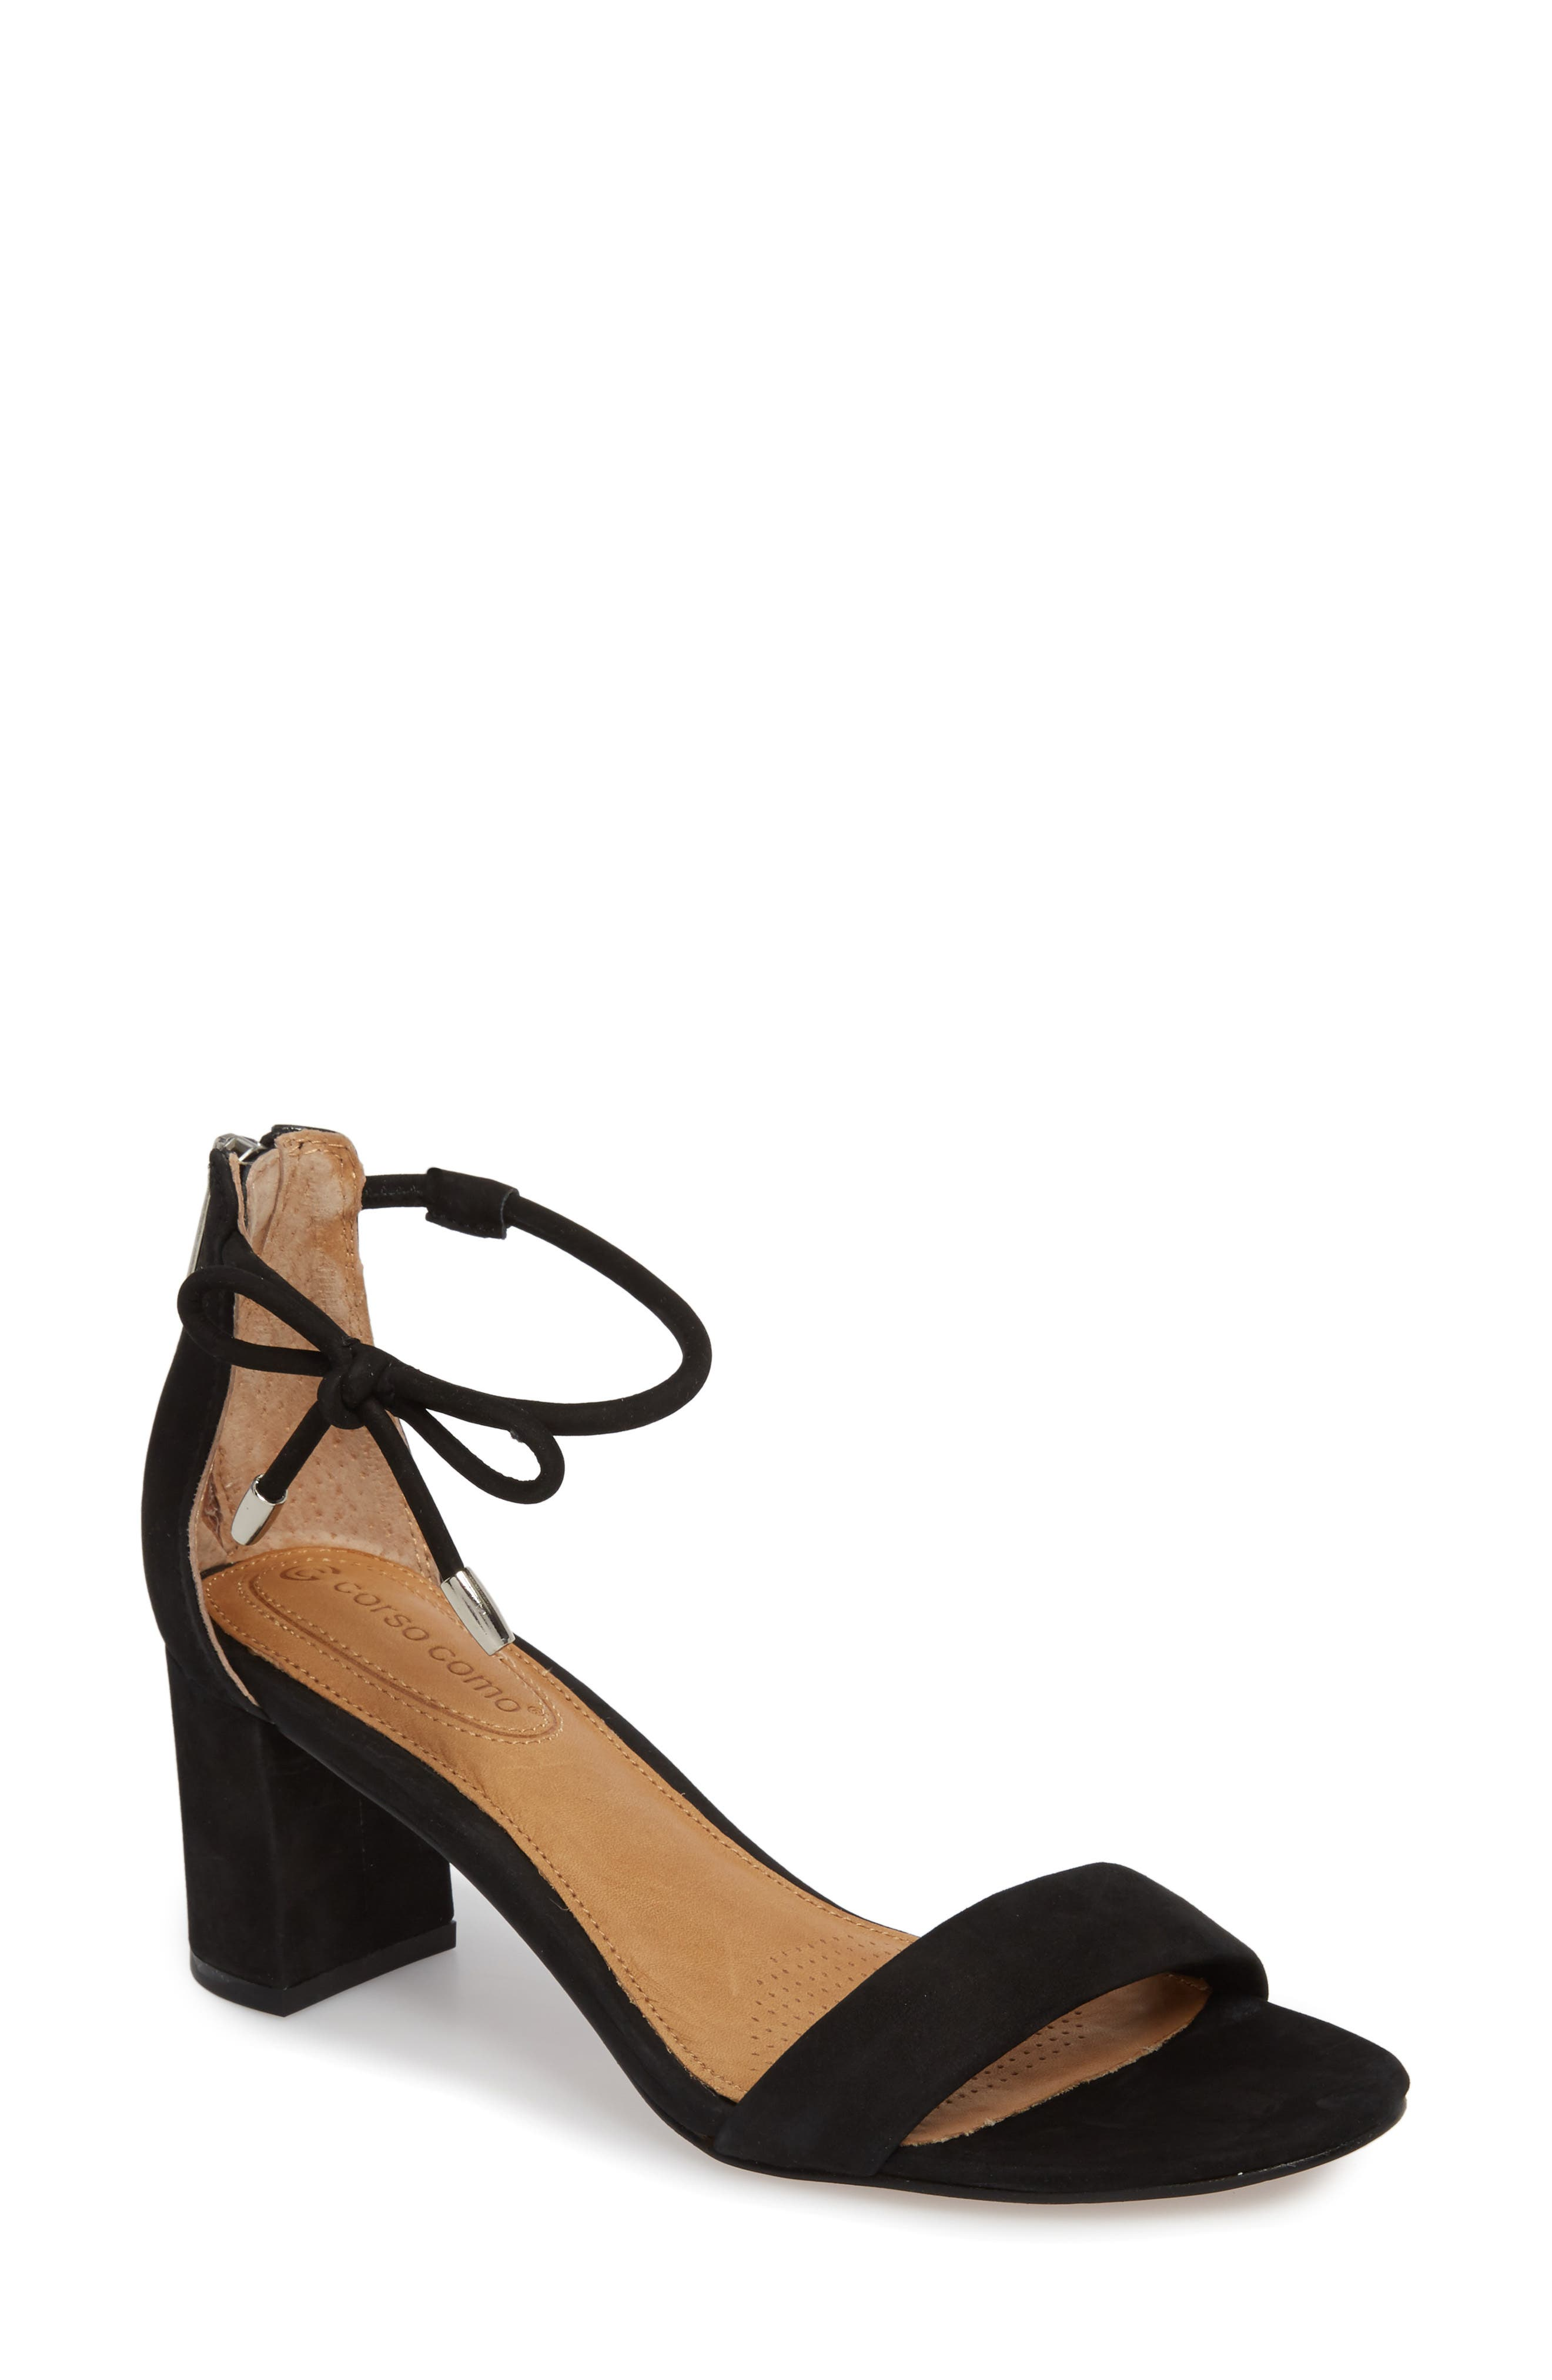 Celebratt Ankle Strap Sandal,                             Main thumbnail 1, color,                             BLACK NUBUCK LEATHER